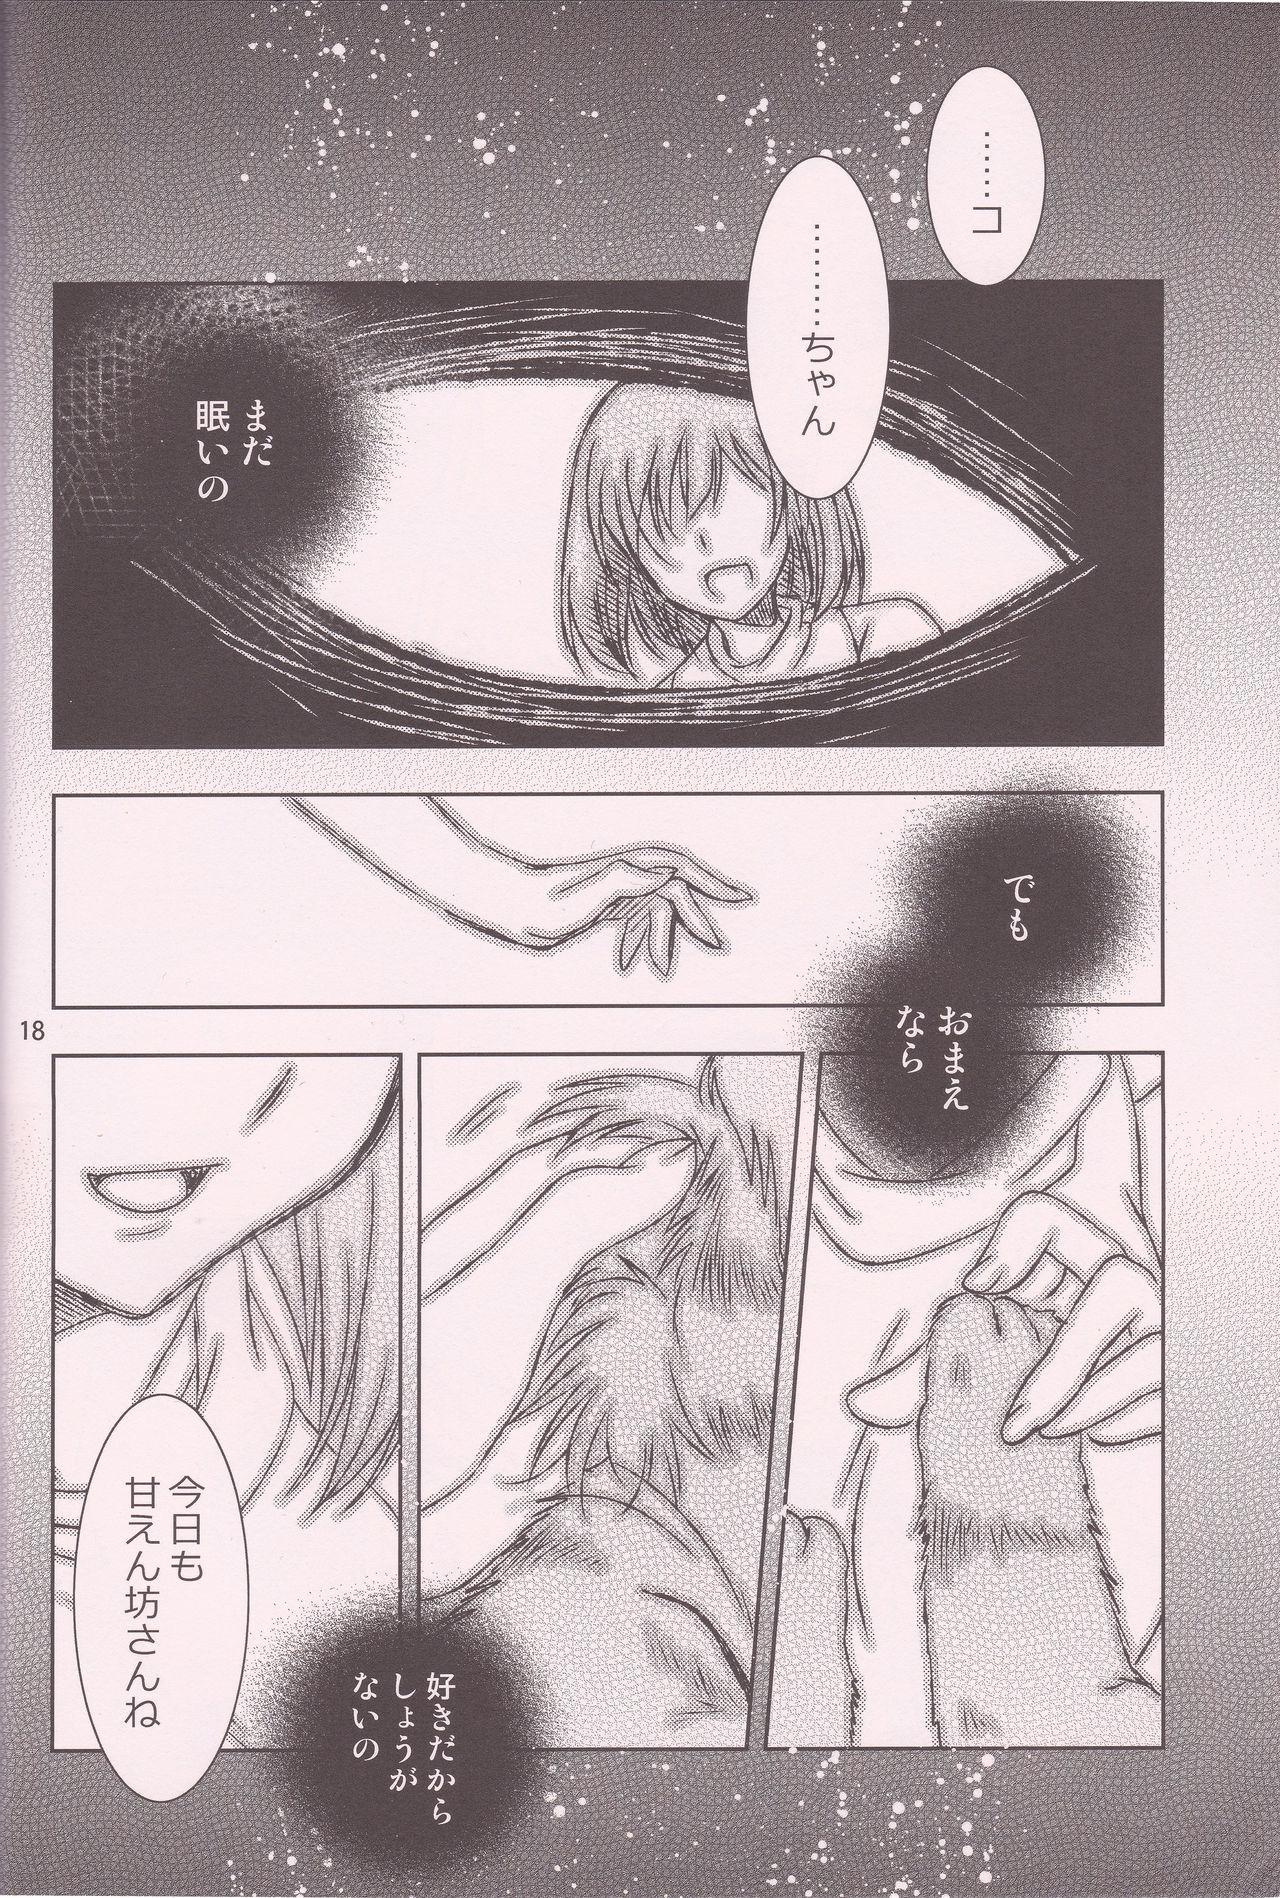 Aruji-sama ni Naisho no Memory Piece 16